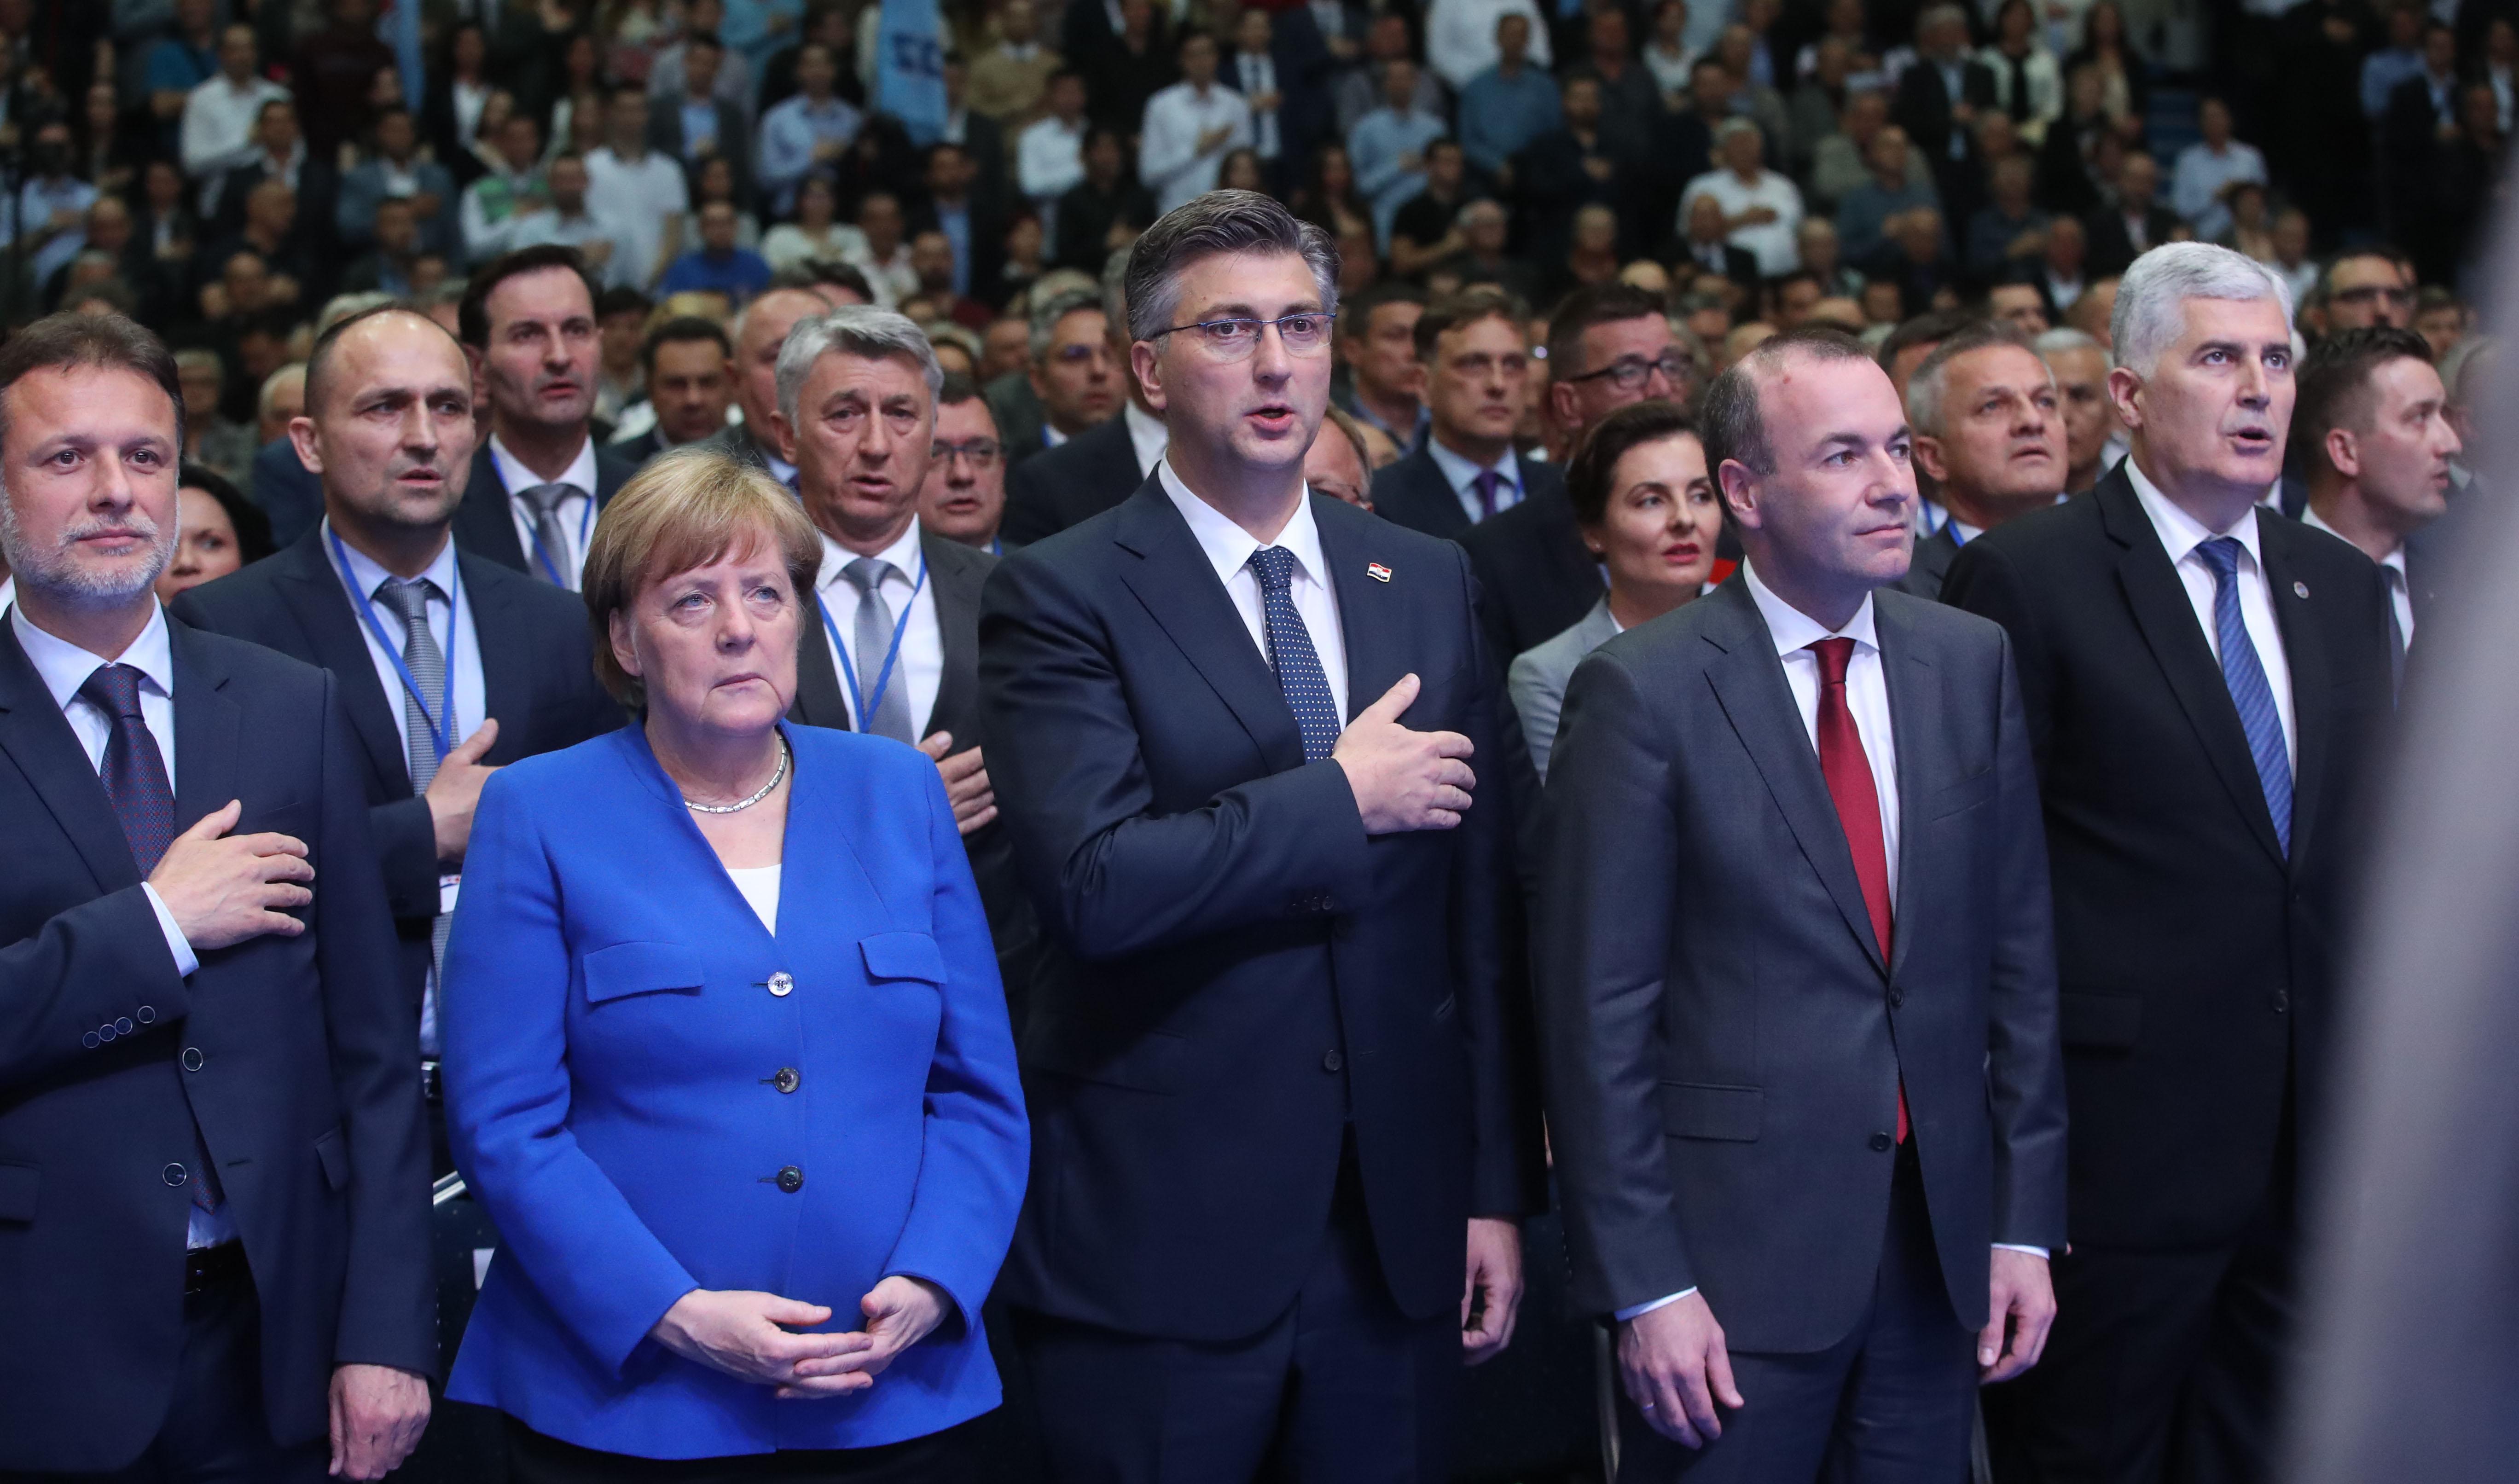 Zbog skandala Slobodarske stranke prijevremeni izbori u Austriji